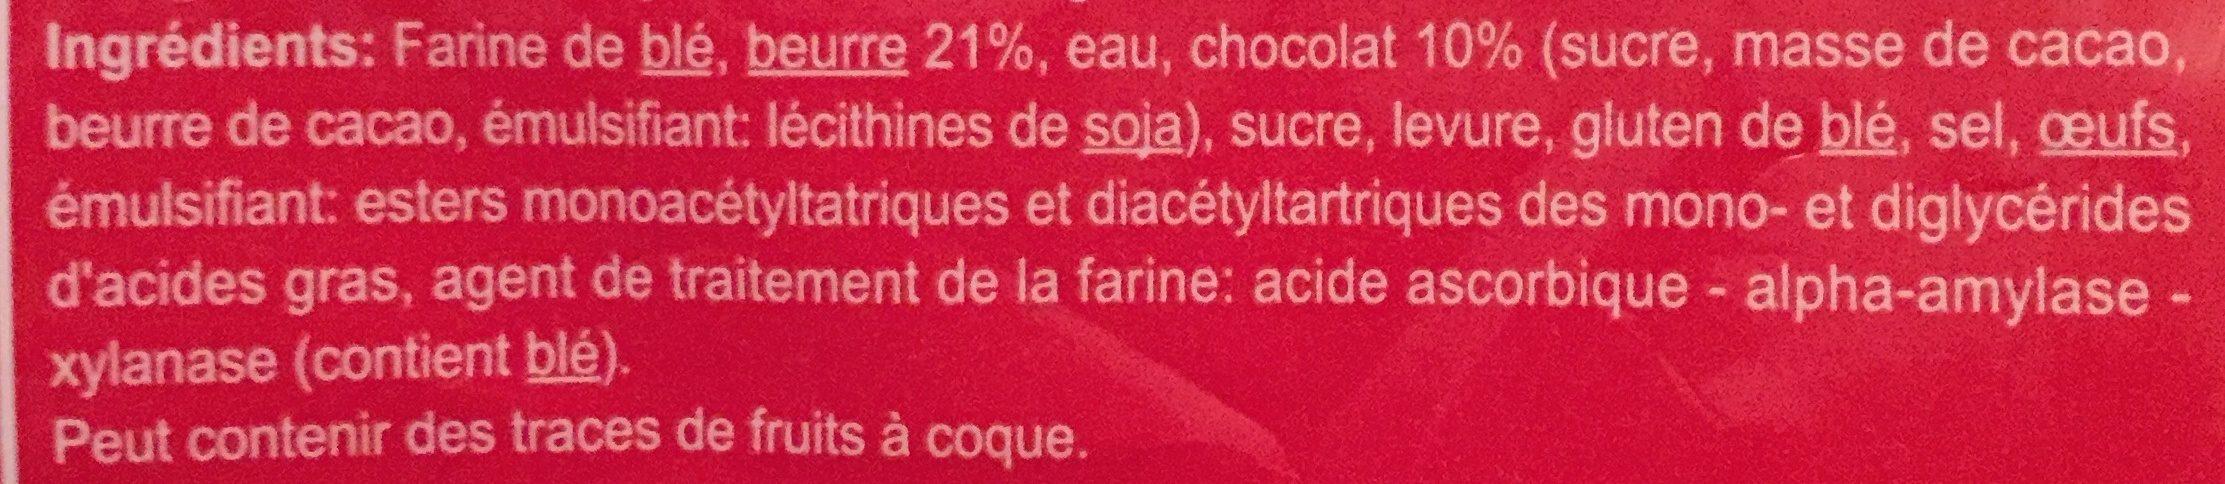 Pain au Chocolat - Ingredients - fr